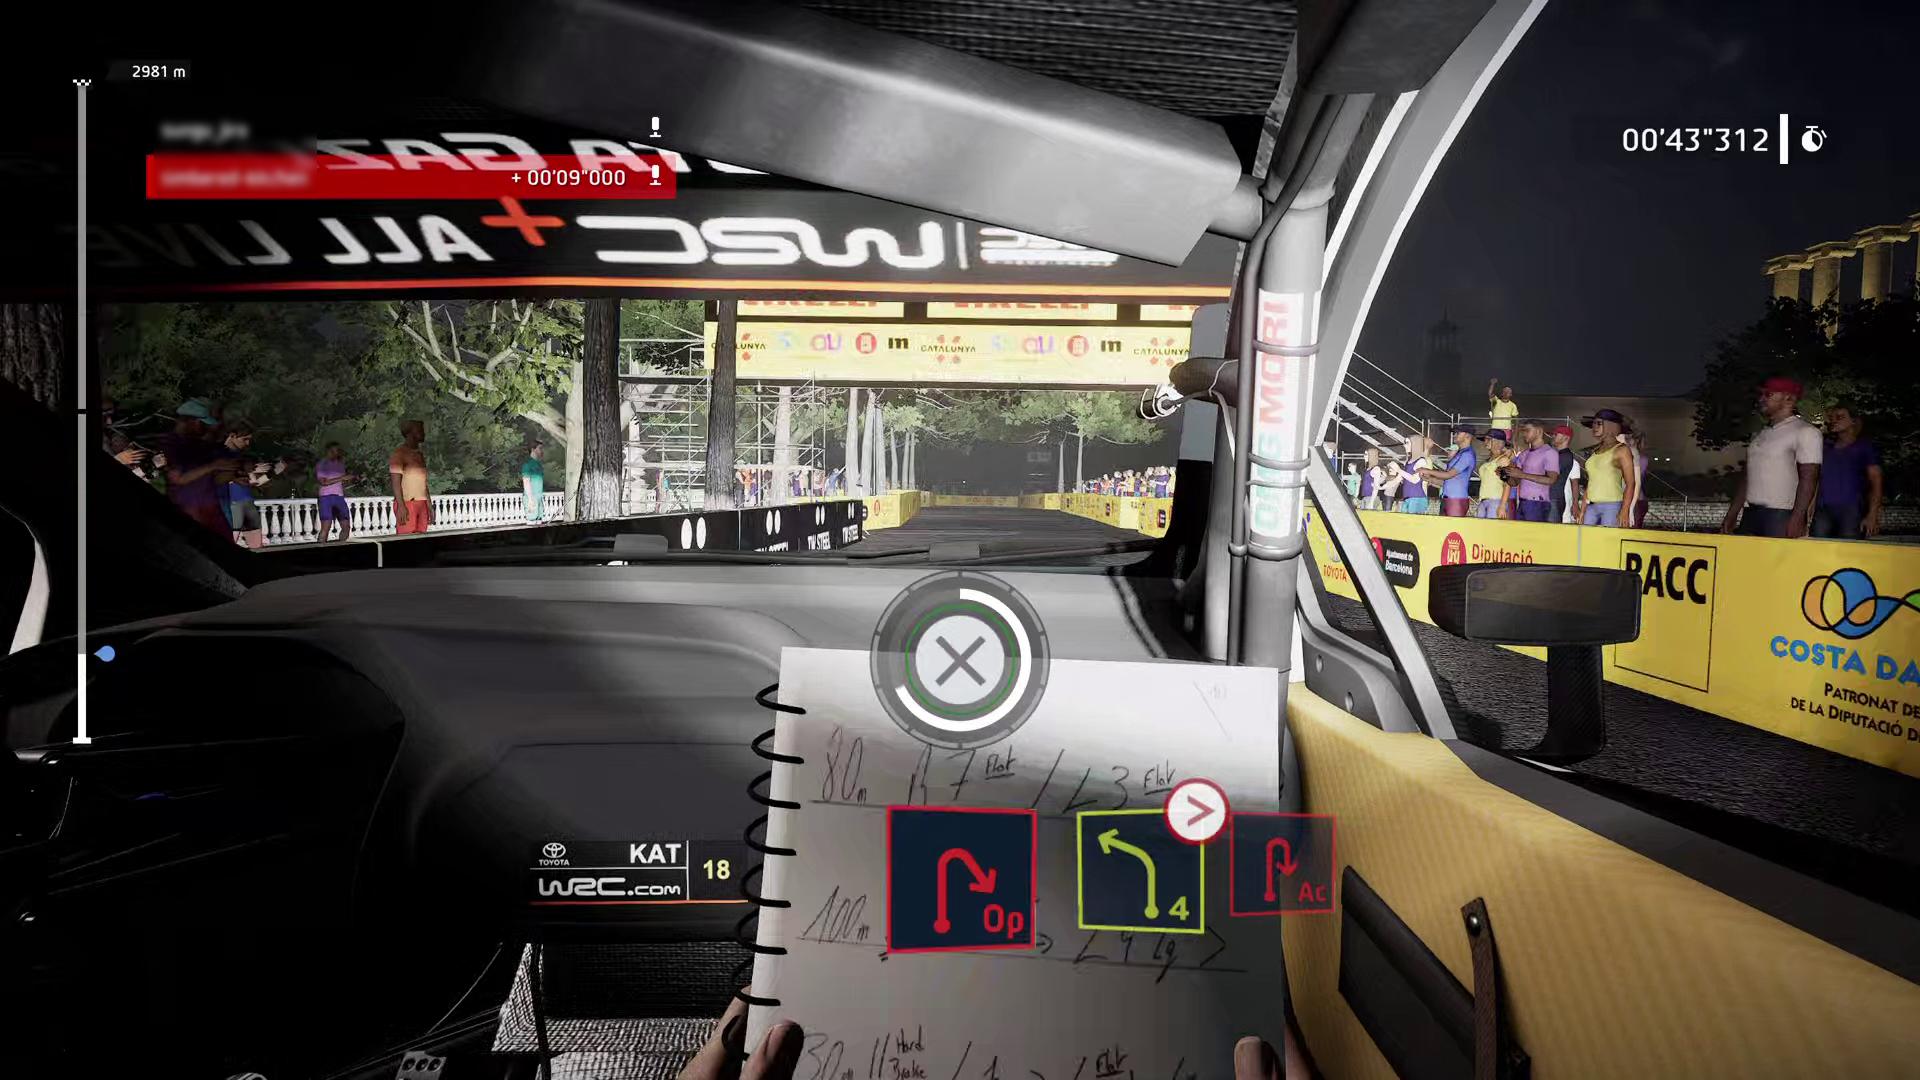 「コ・ドライバーモード」の様子(左:ドライバー、右:コ・ドライバー)Barcelona 2021